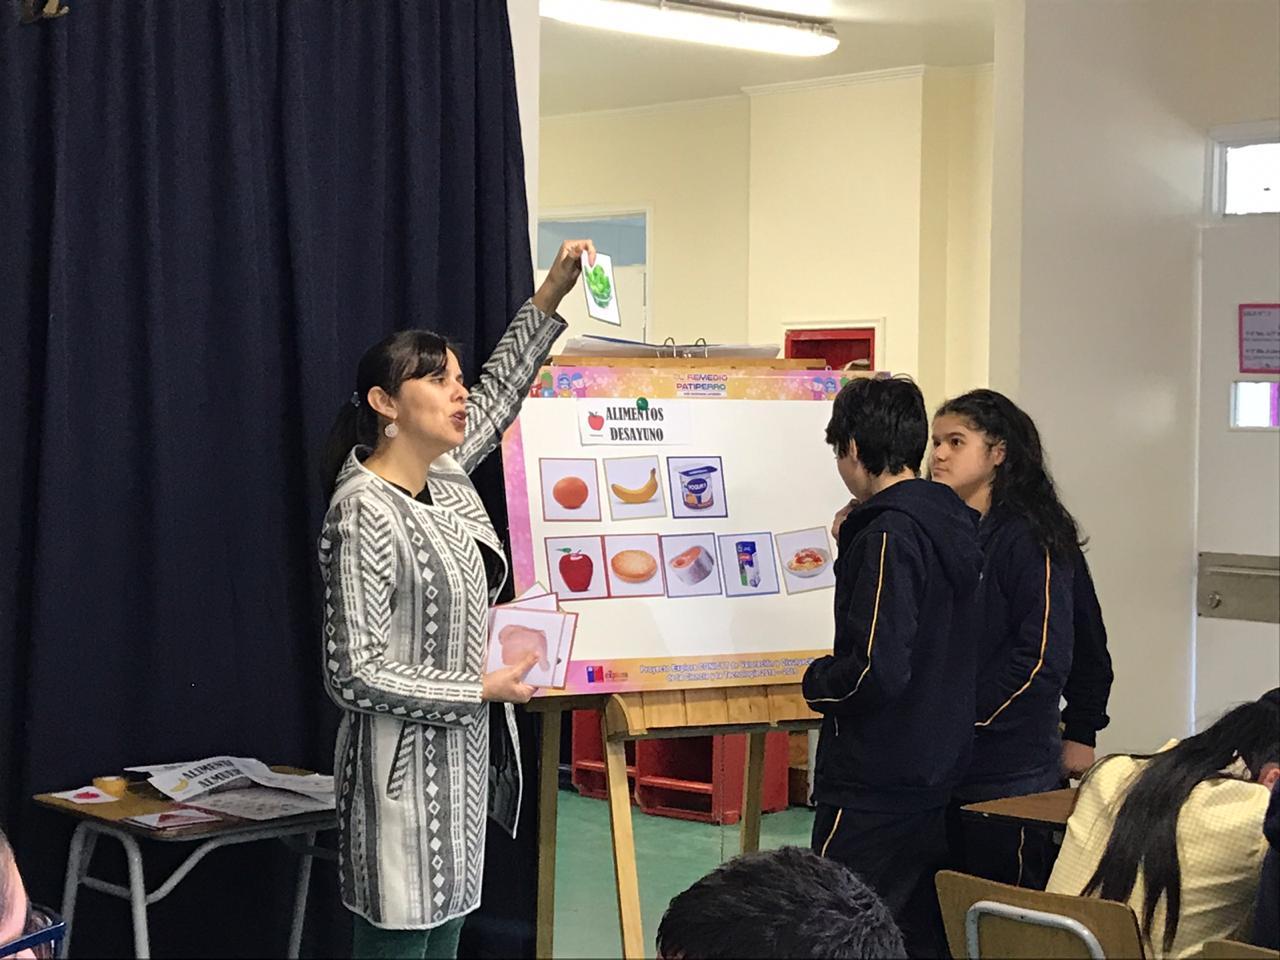 Nuevo Proyecto Explora de valoración científica busca promover vida saludable entre escolares